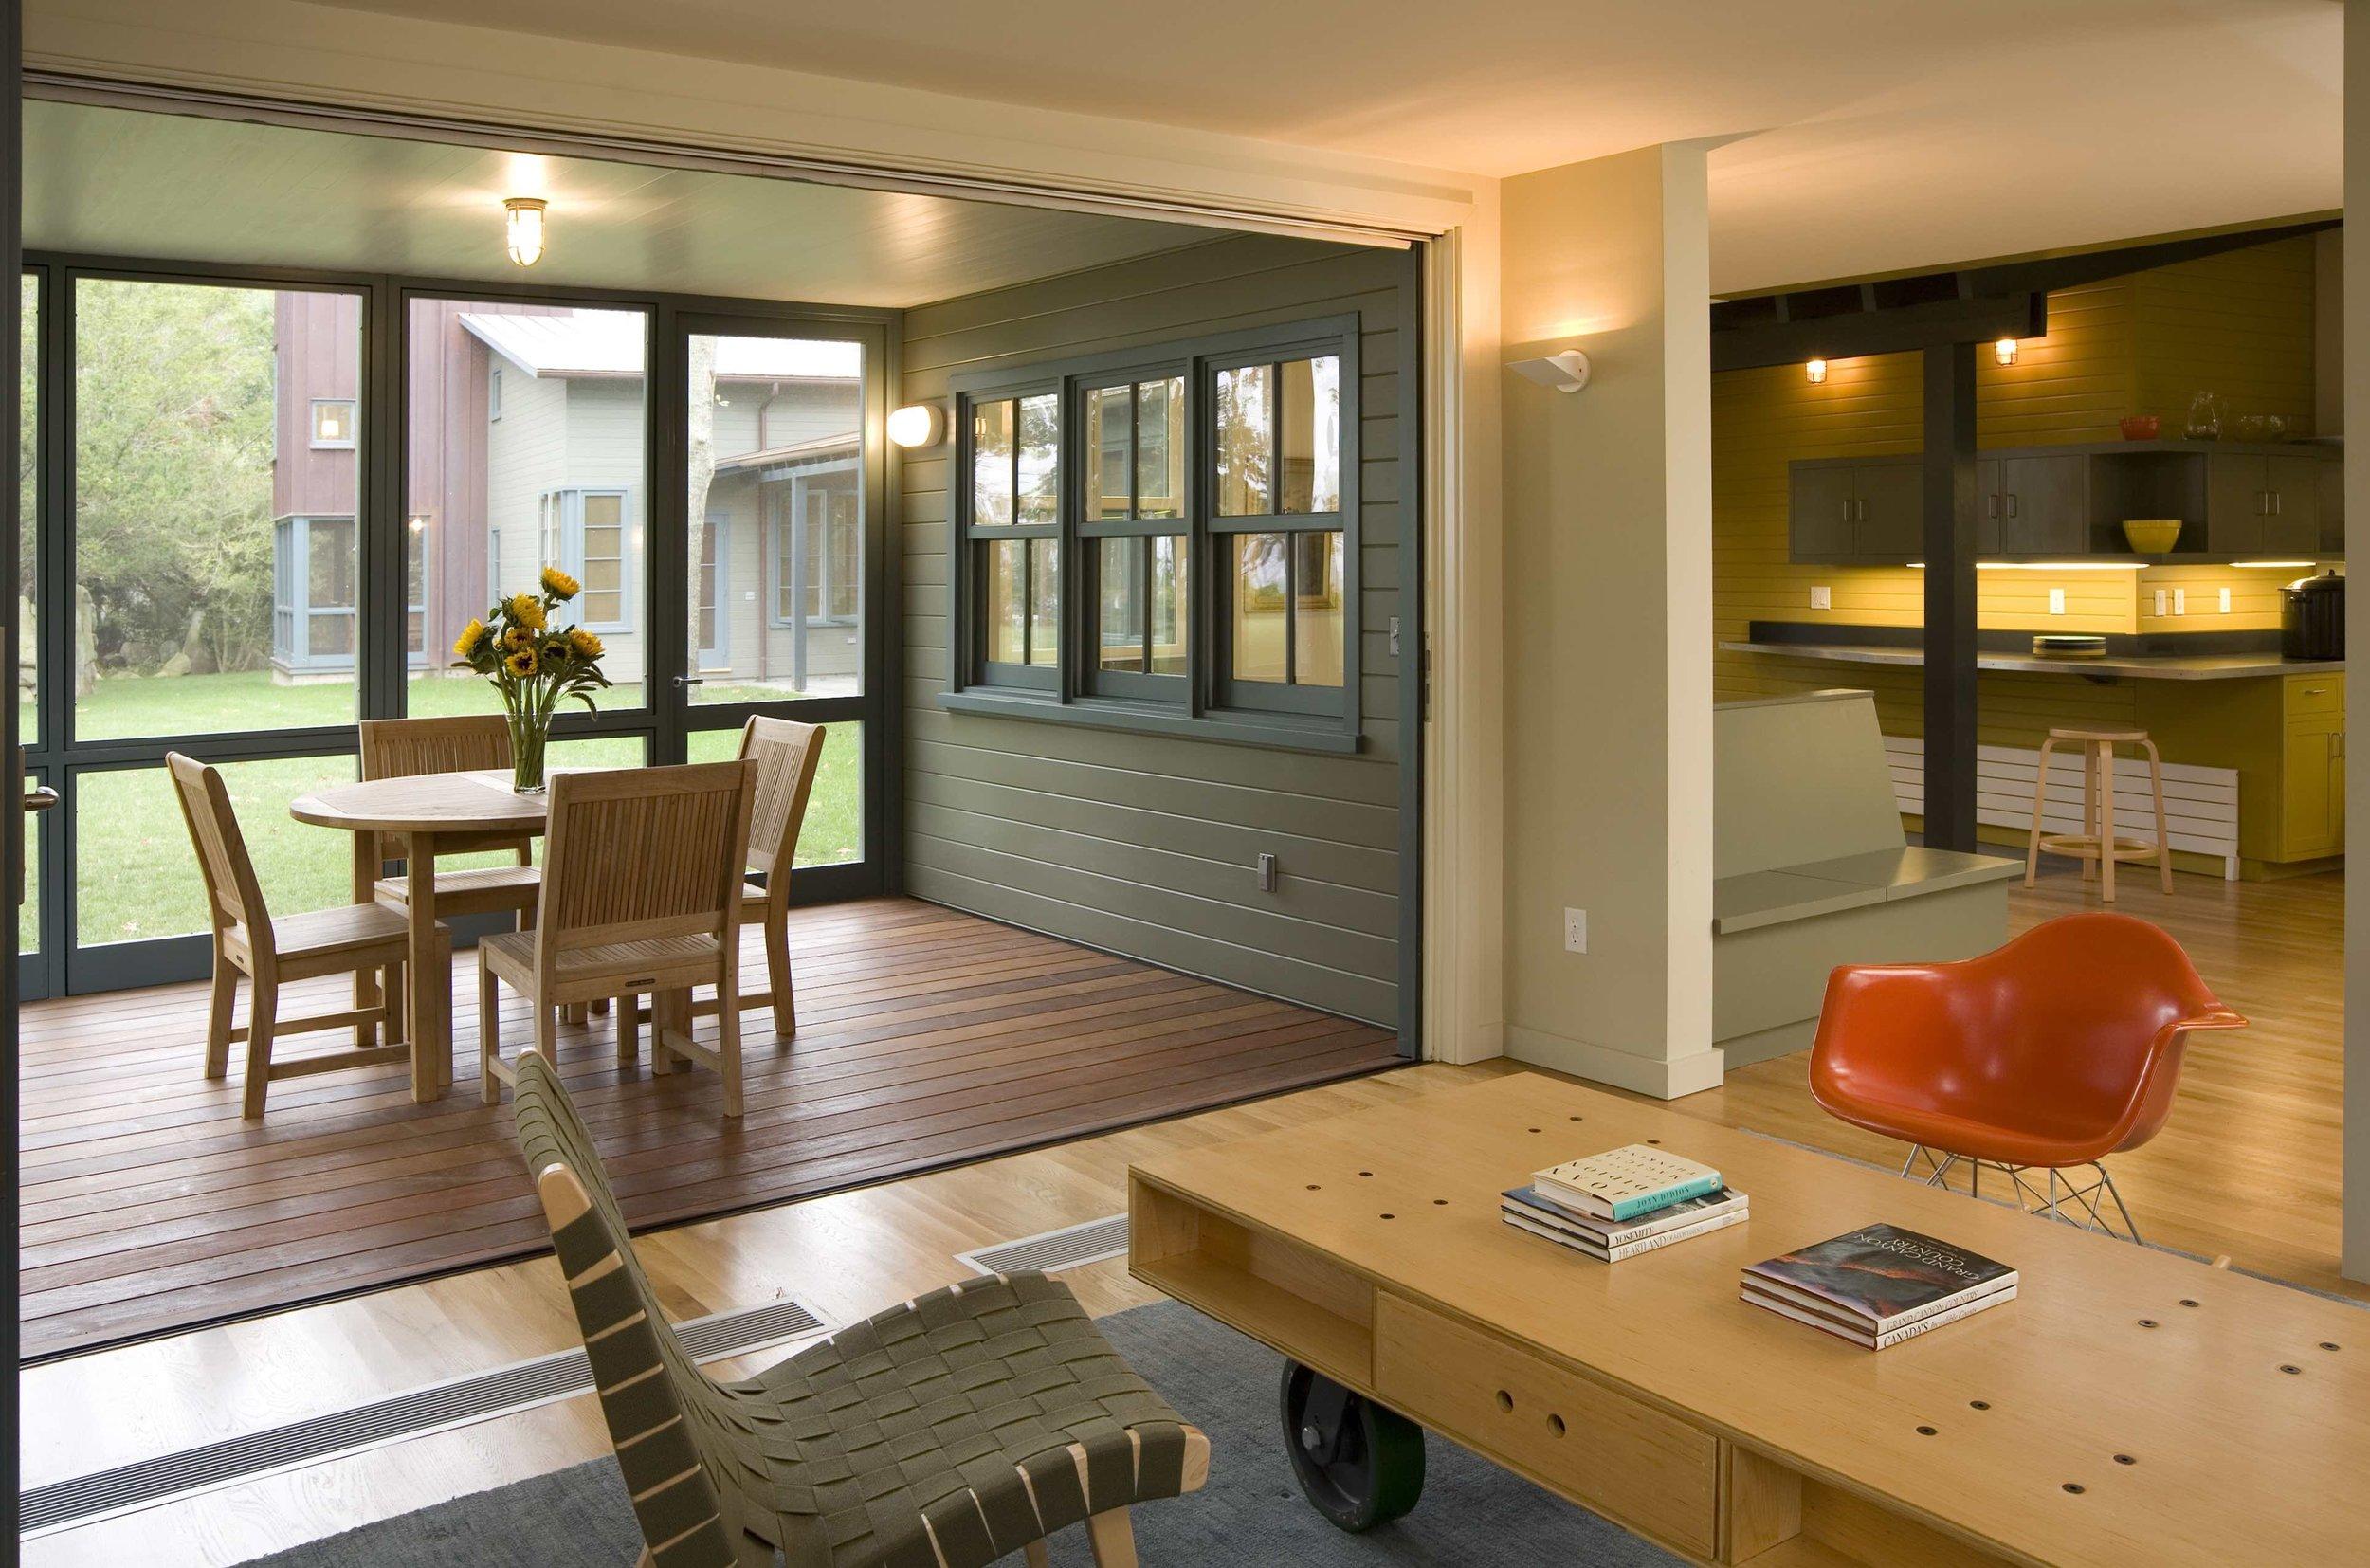 14  AVISNQ_GH_PV_INT_04 living rm + screen porch.jpg